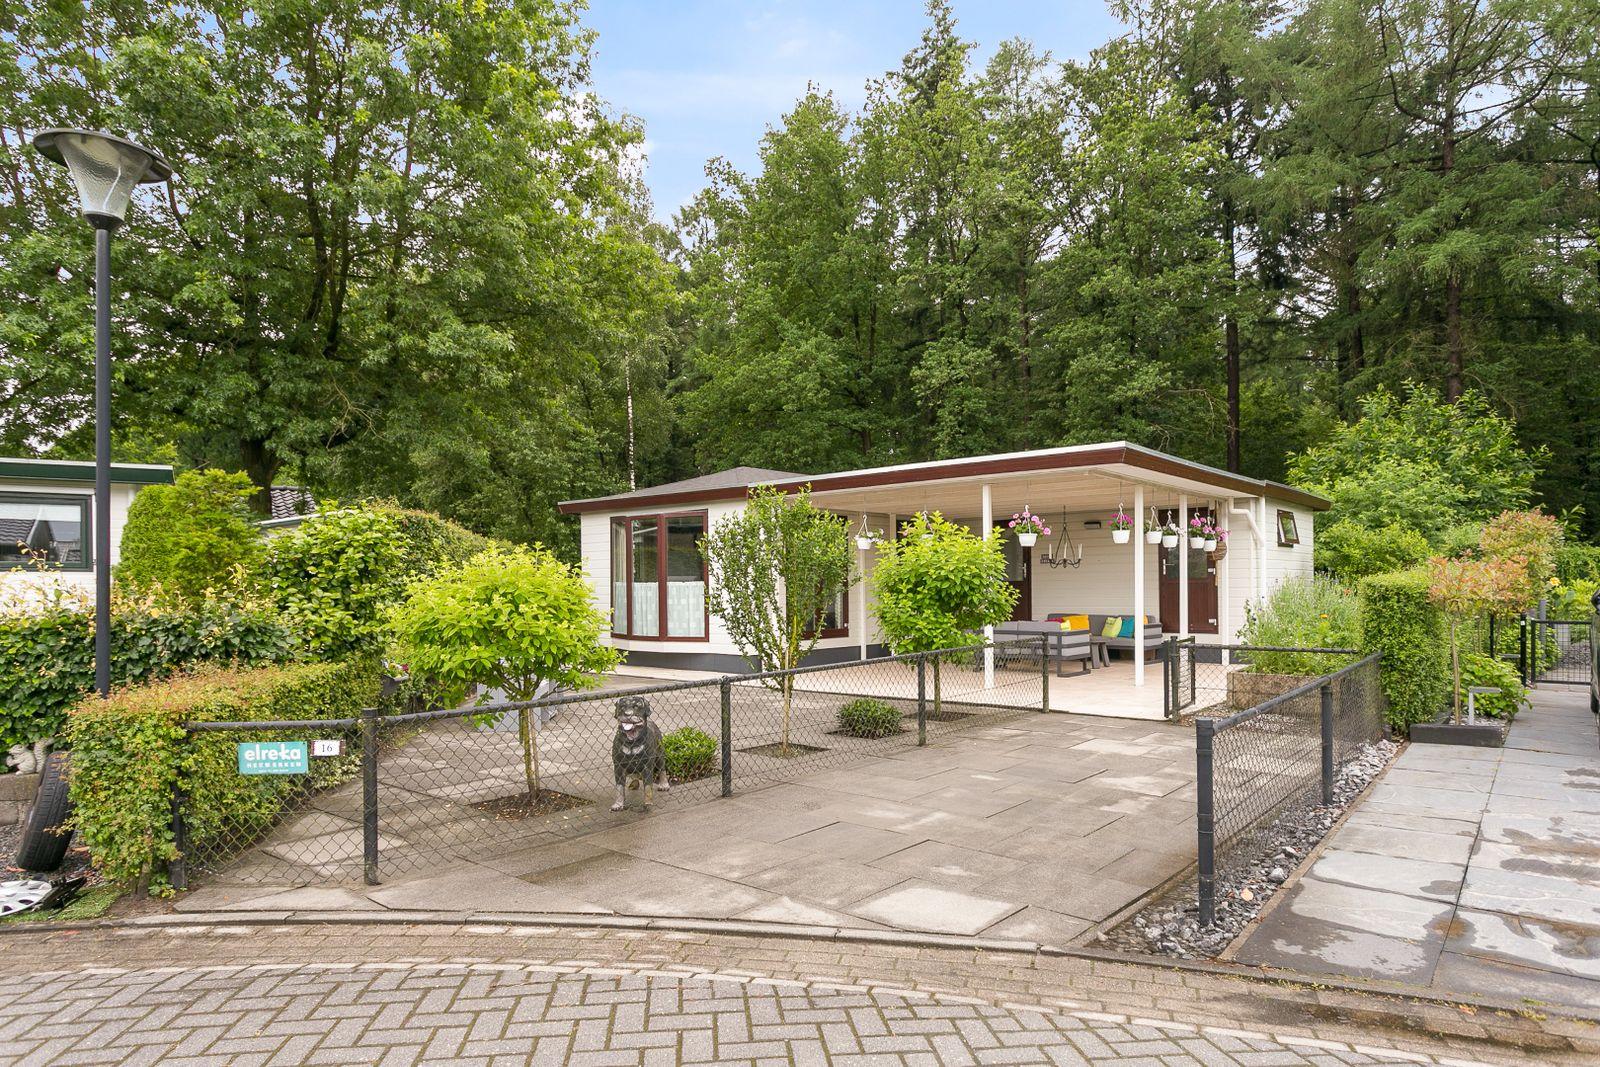 Banstraat 25S16, Veldhoven